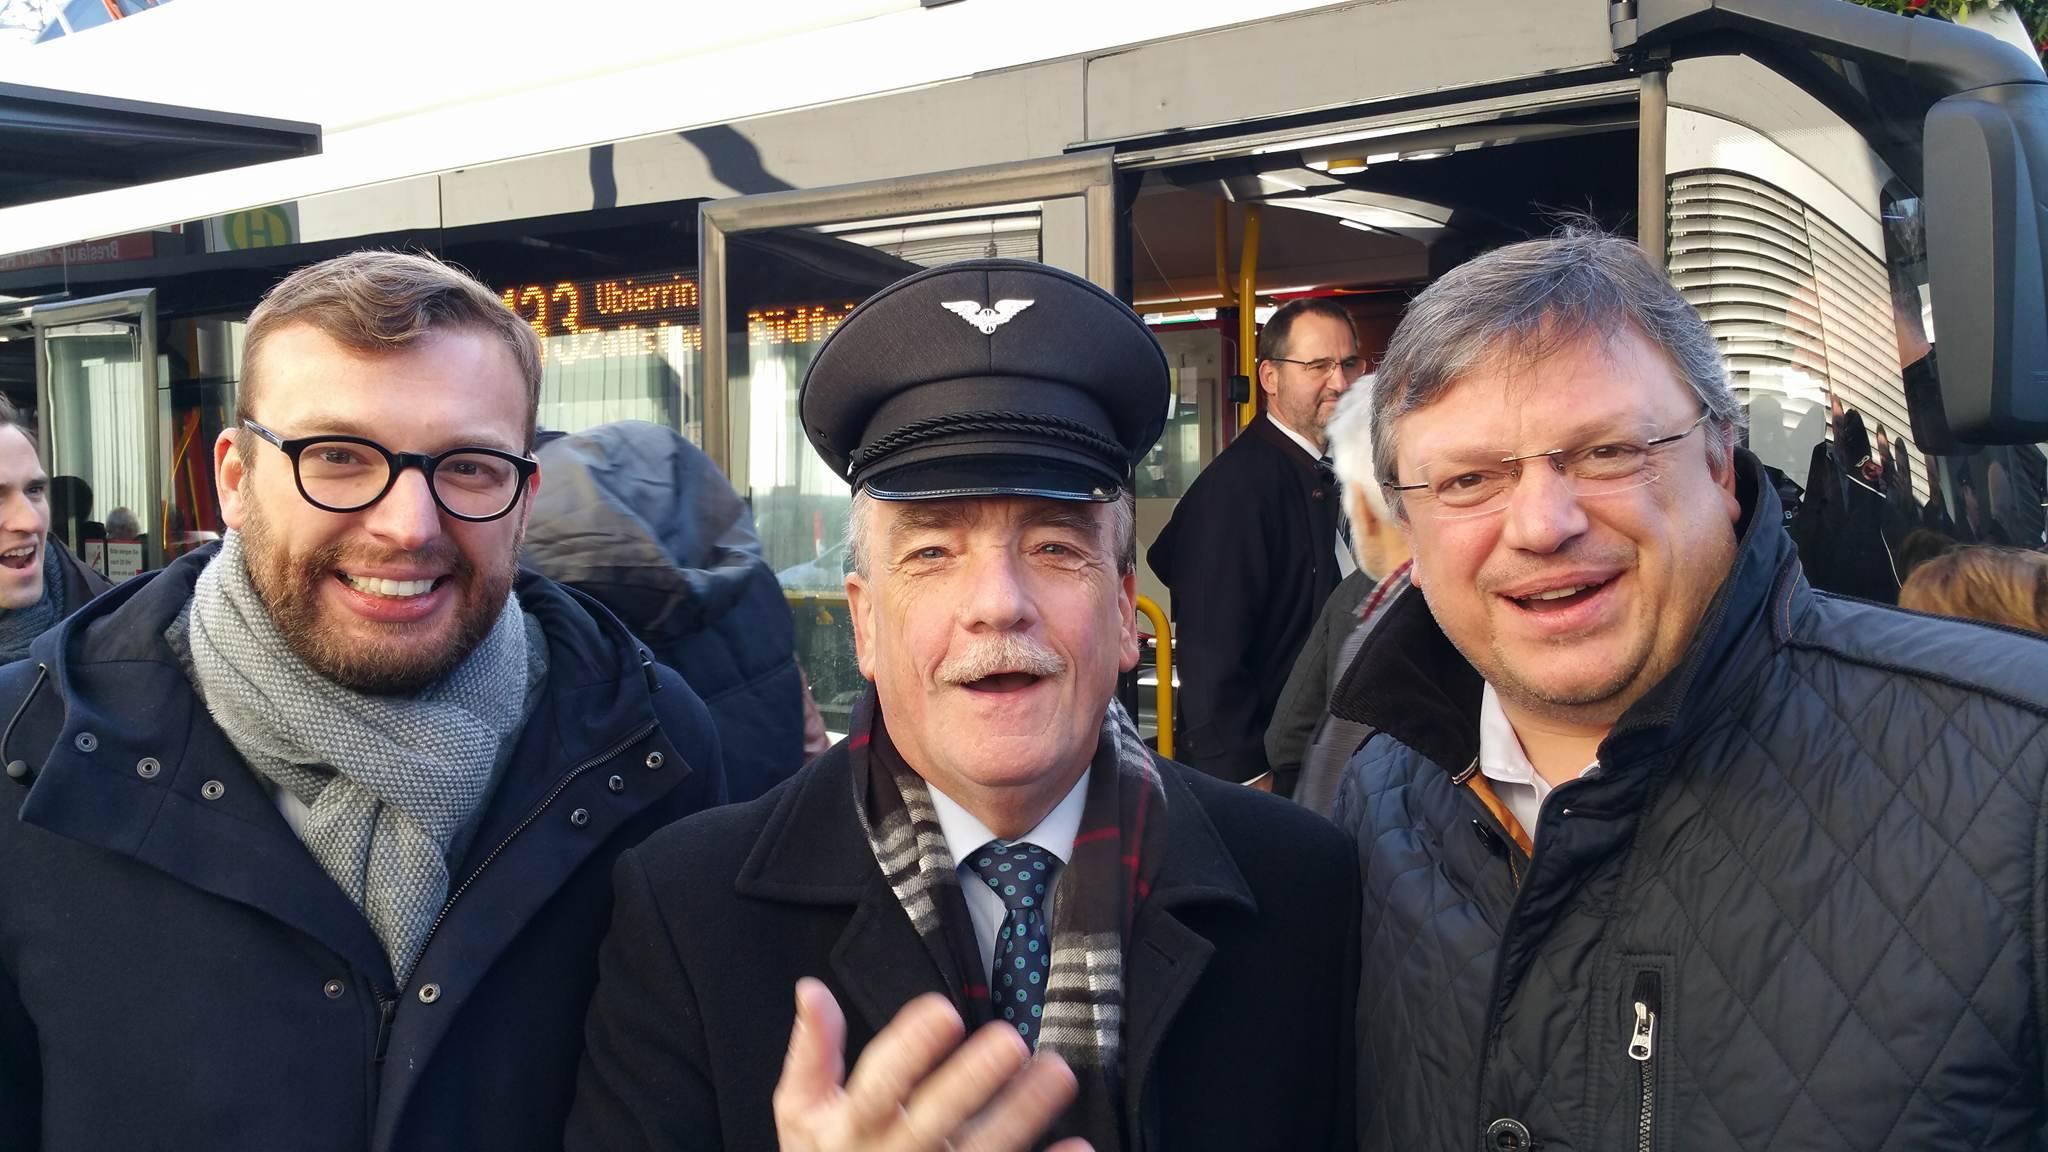 Andreas Rimkus zu Besuch in Köln: Die City-Buslinie 133 wurde komplett auf Elektrobusse umgestellt!